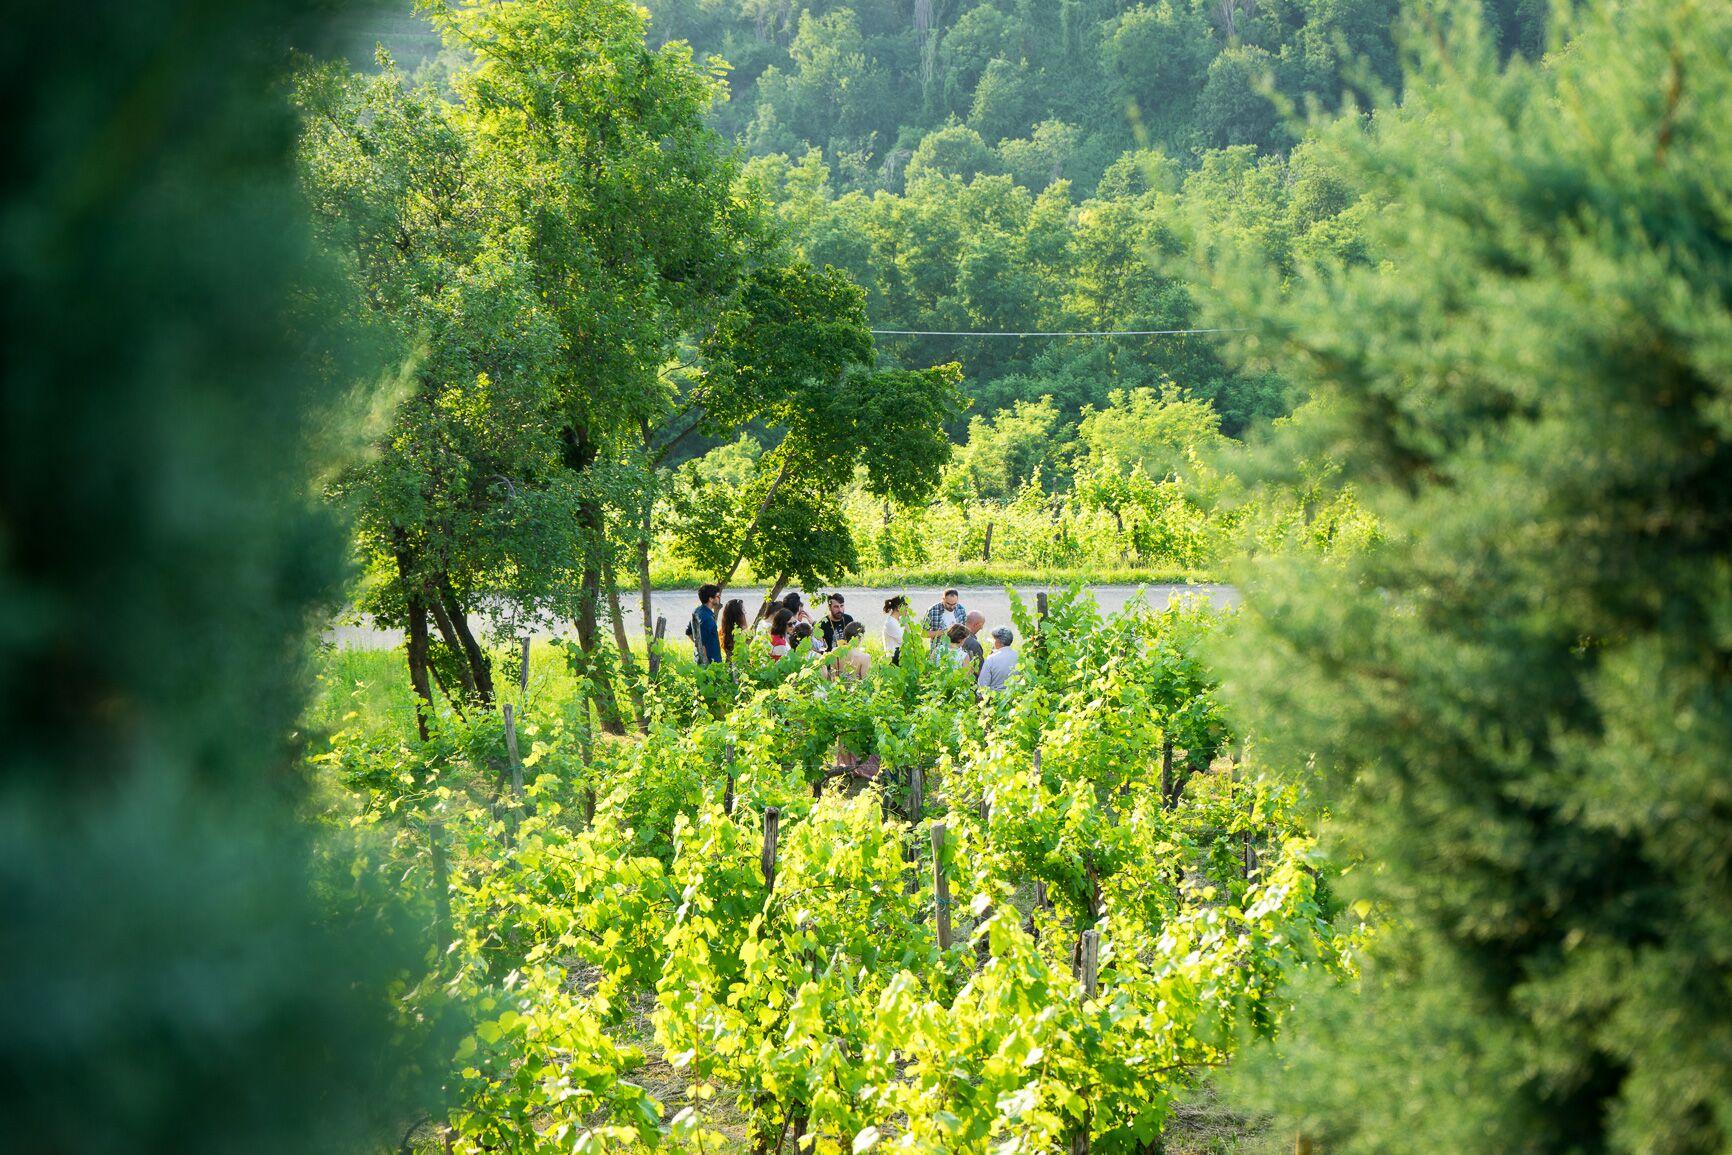 Likof 2015: Degustazione nel vigneto, San floriano del Collio - pokušnja v vinogradu, Števerjan 6.6.2015